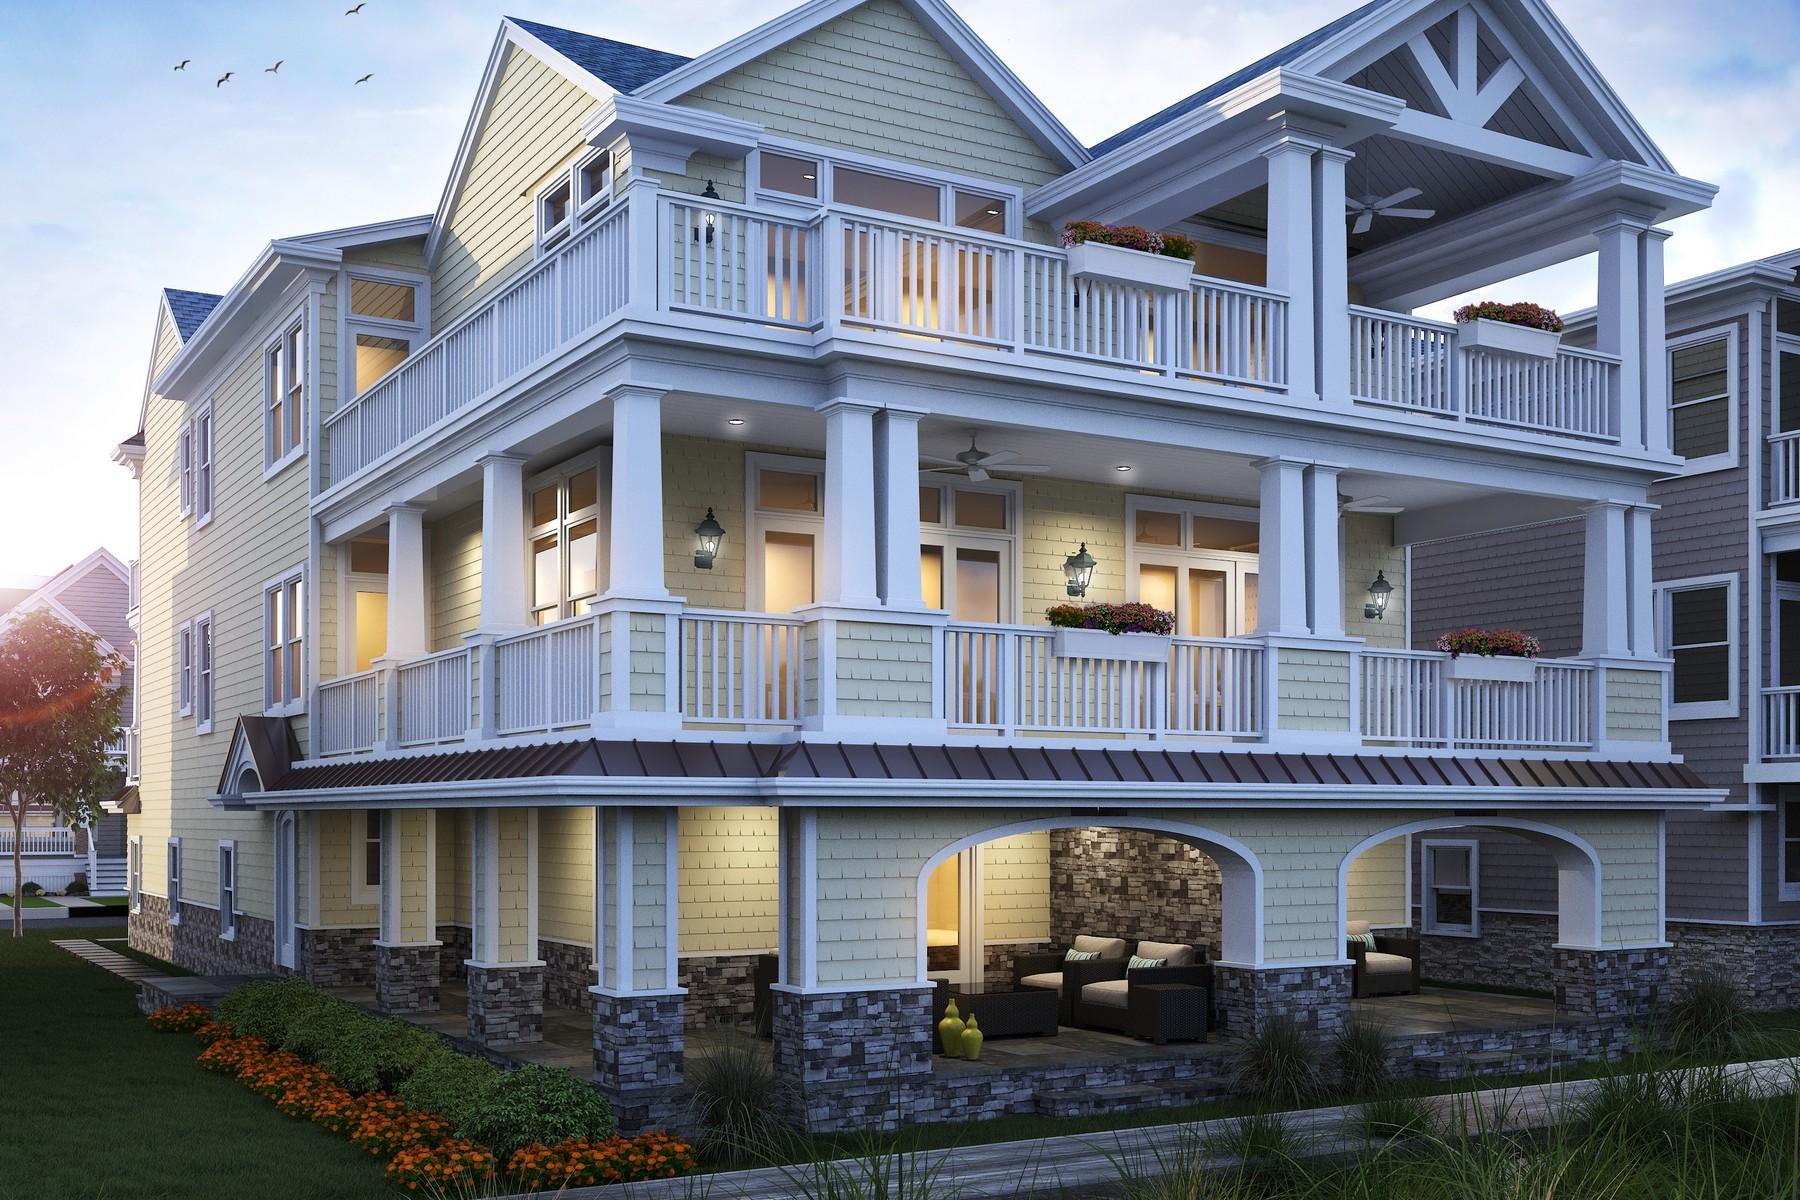 дуплекс для того Продажа на Tranquil Beachfront Duplex 3004-06 Wesley Avenue Ocean City, Нью-Джерси 08226 Соединенные Штаты